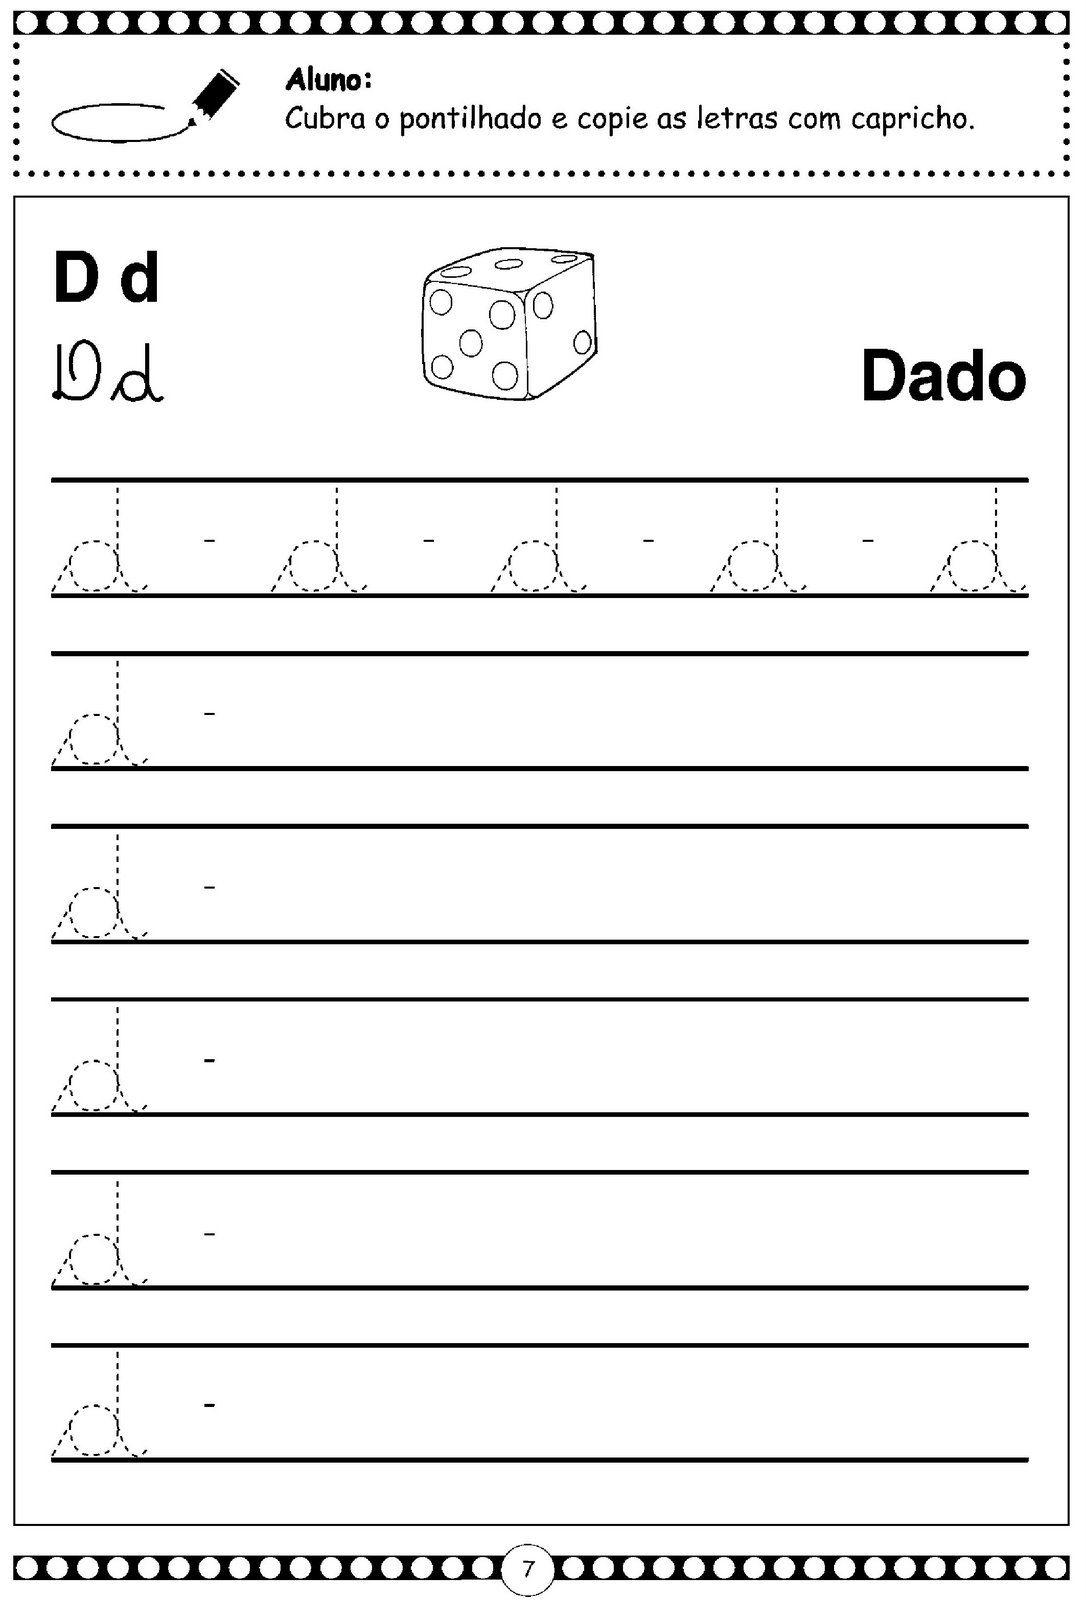 Alfabeto Cursivo Letra D Minuscula Letra Cursiva Alfabeto Cursivo